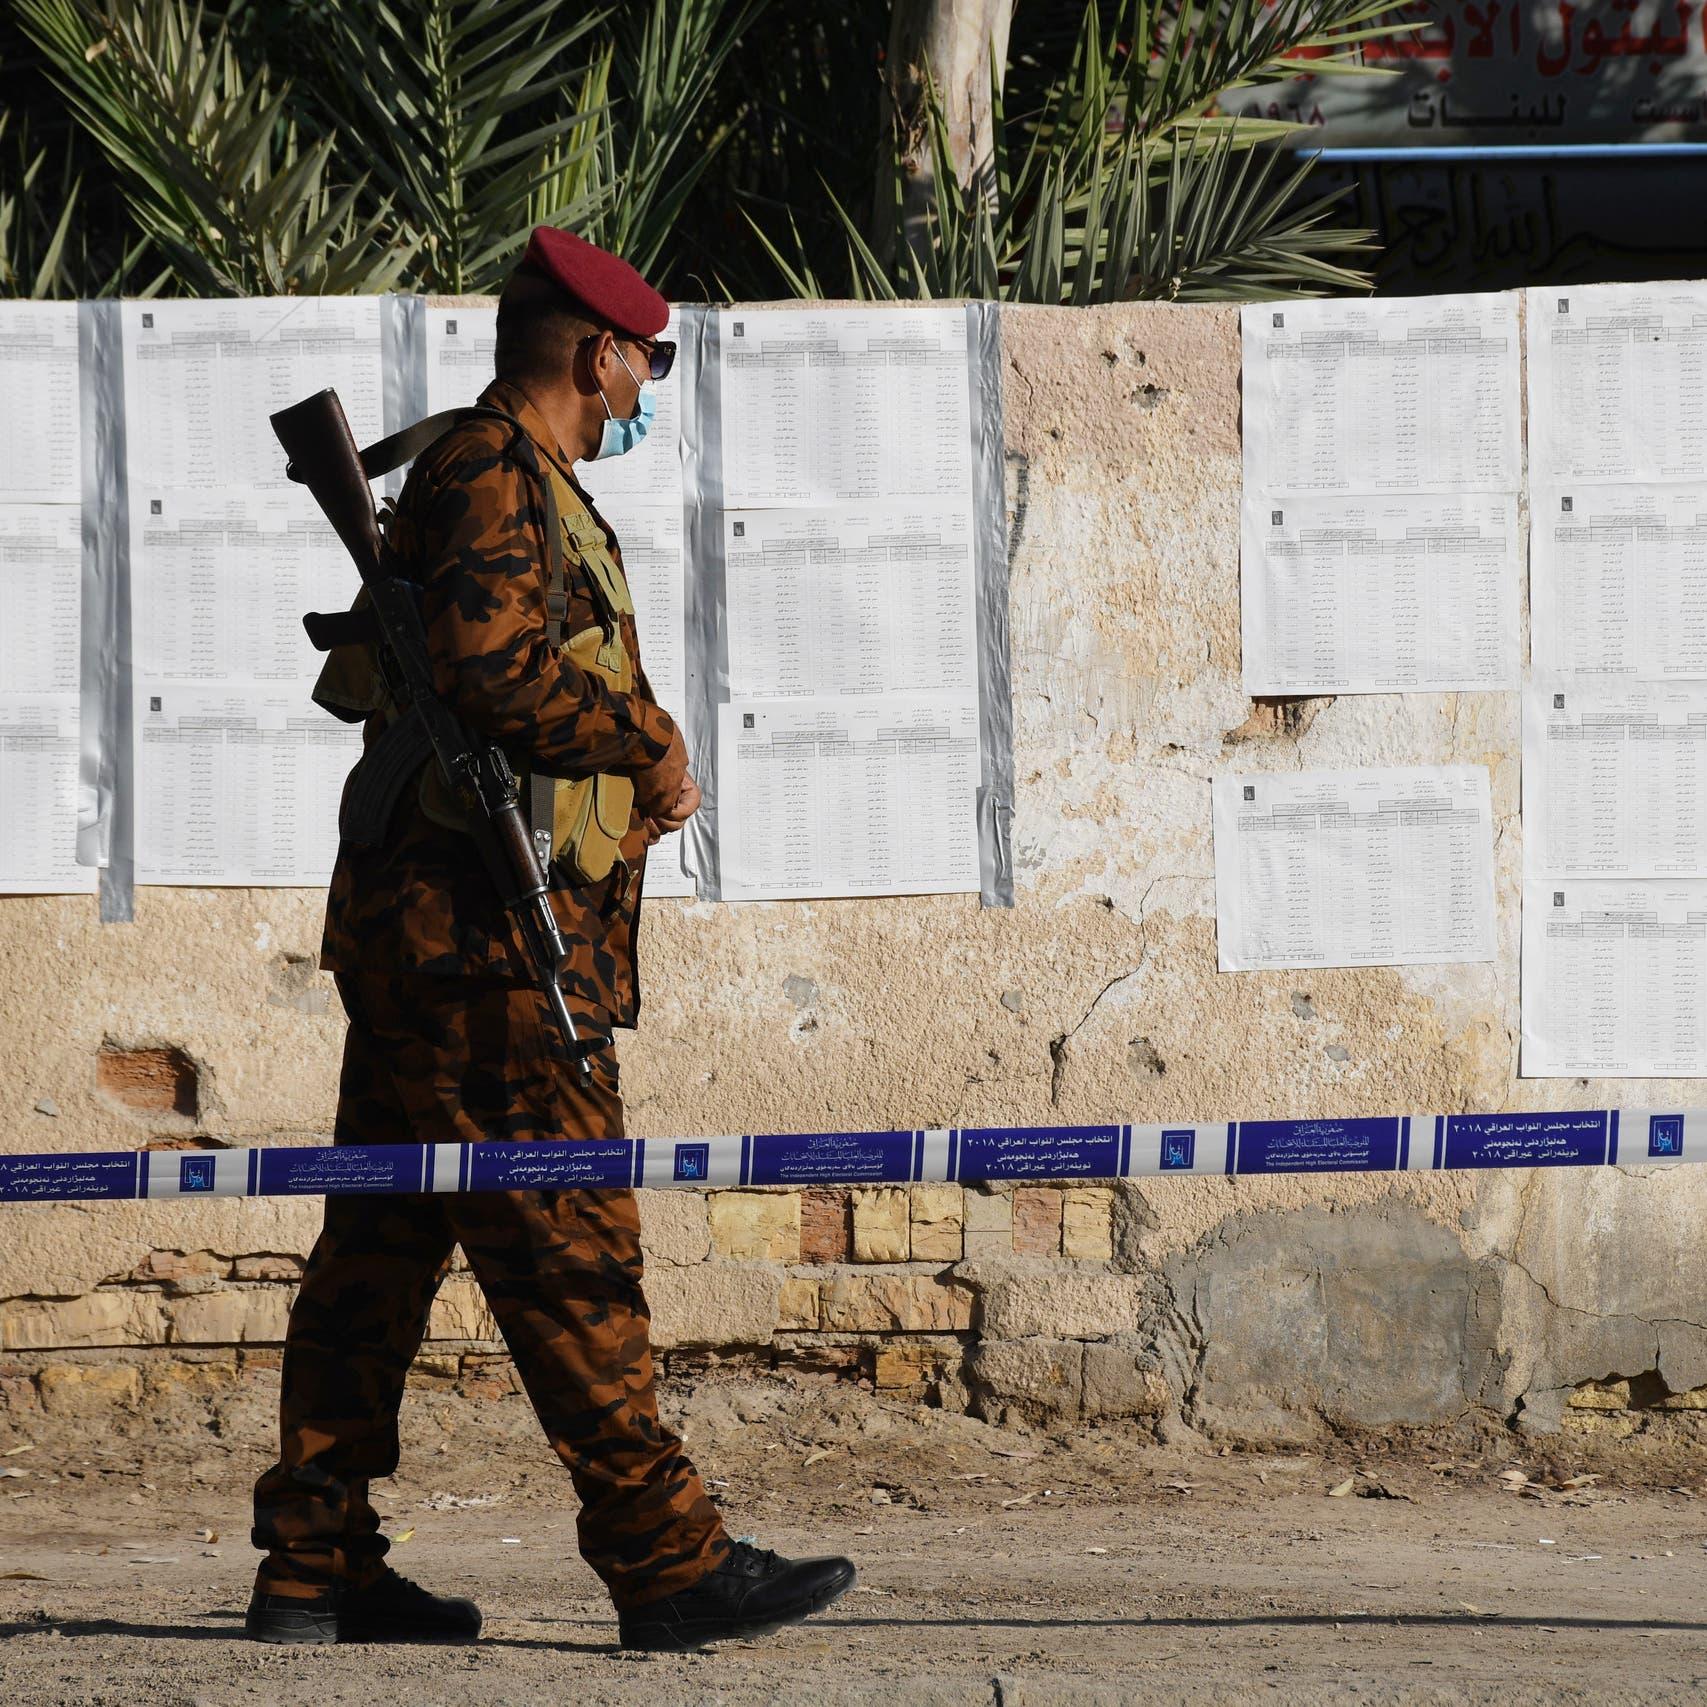 مقتل عنصر في أحد مراكز الاقتراع بالعراق..شرطي يرتكب خطأ